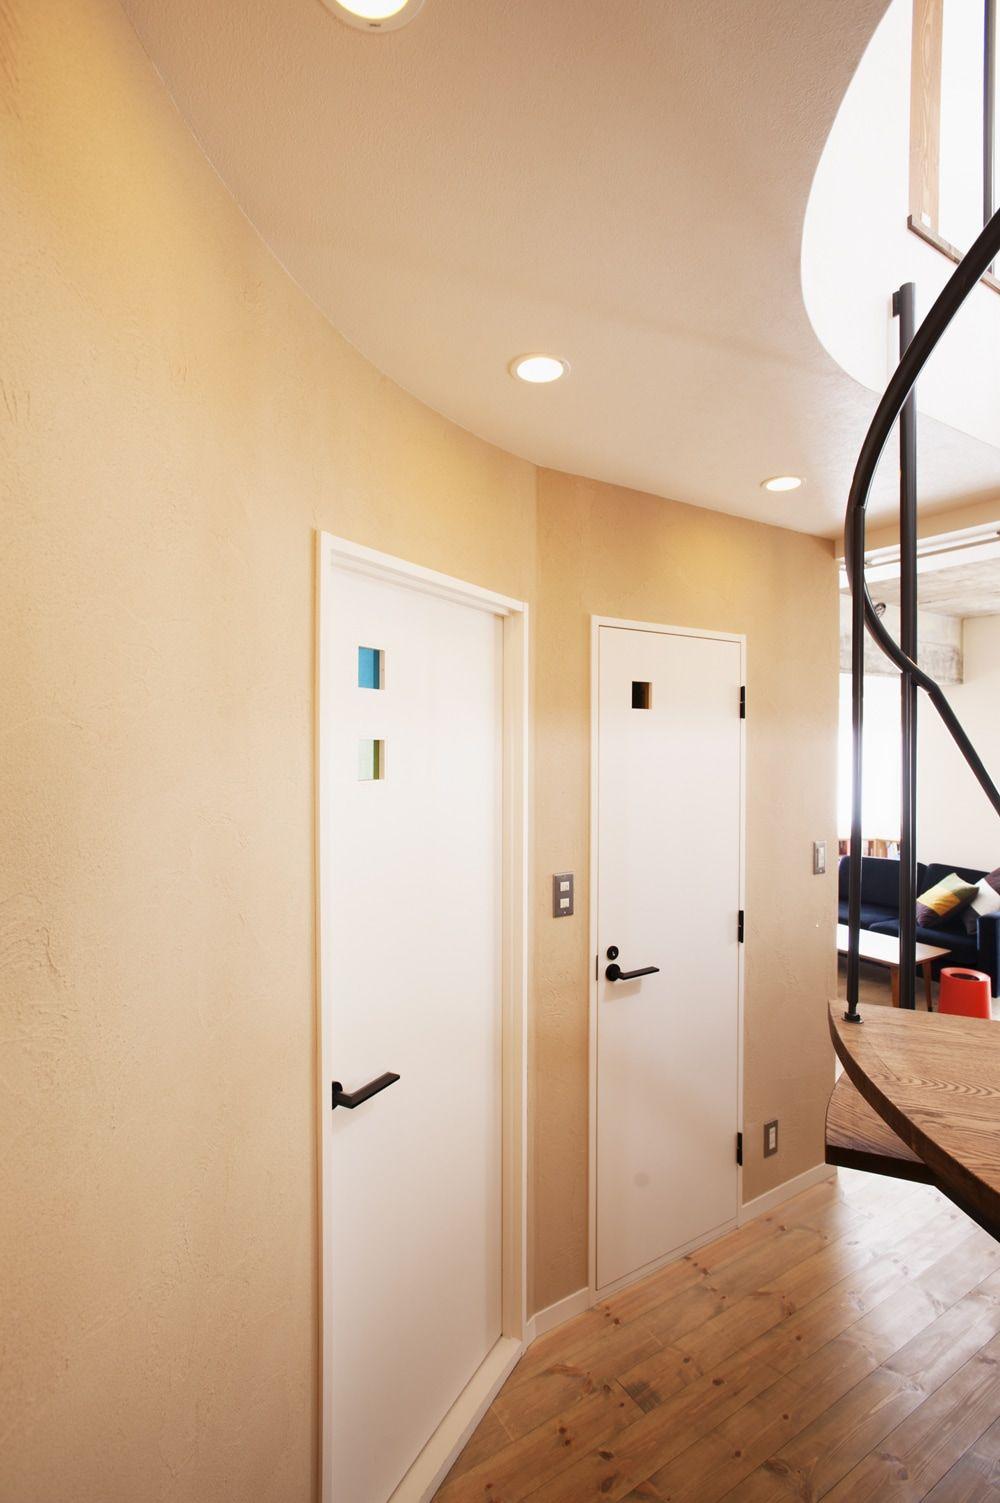 リフォーム リノベーションの事例 造作建具 ドア 施工事例no 246